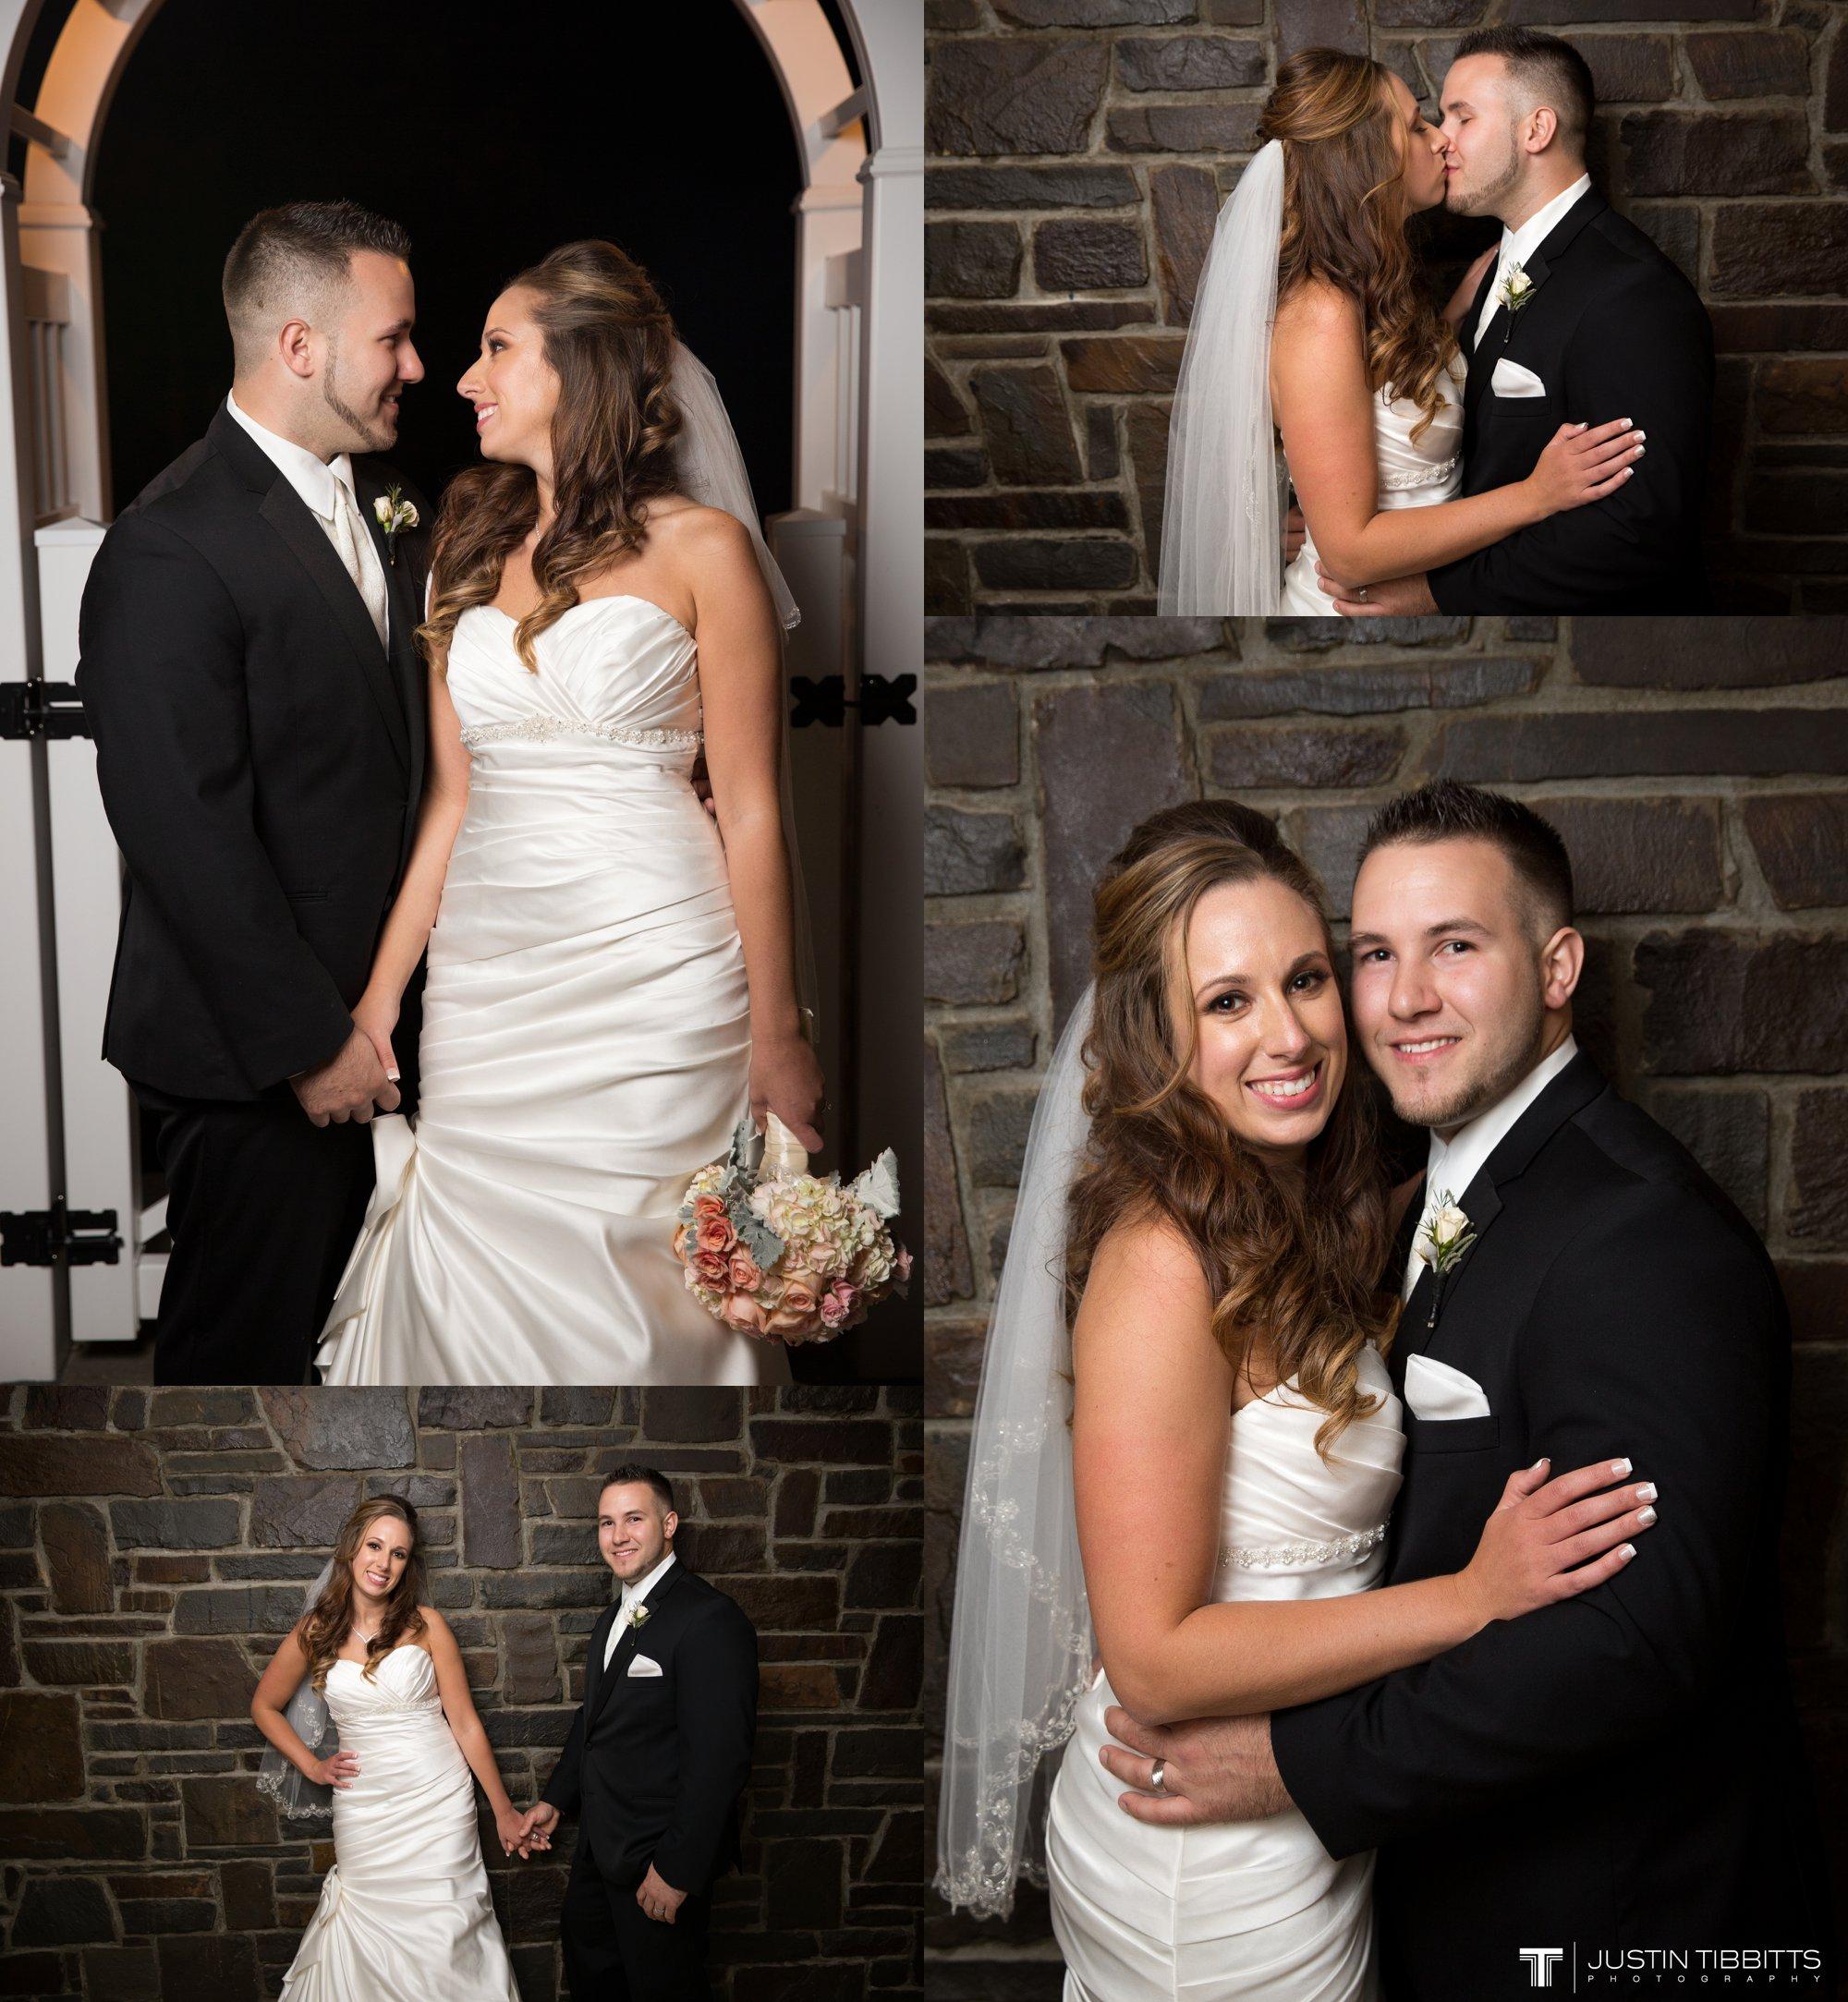 Albany NY Wedding Photographer Justin Tibbitts Photography 2014 Best of Albany NY Weddings-39899109